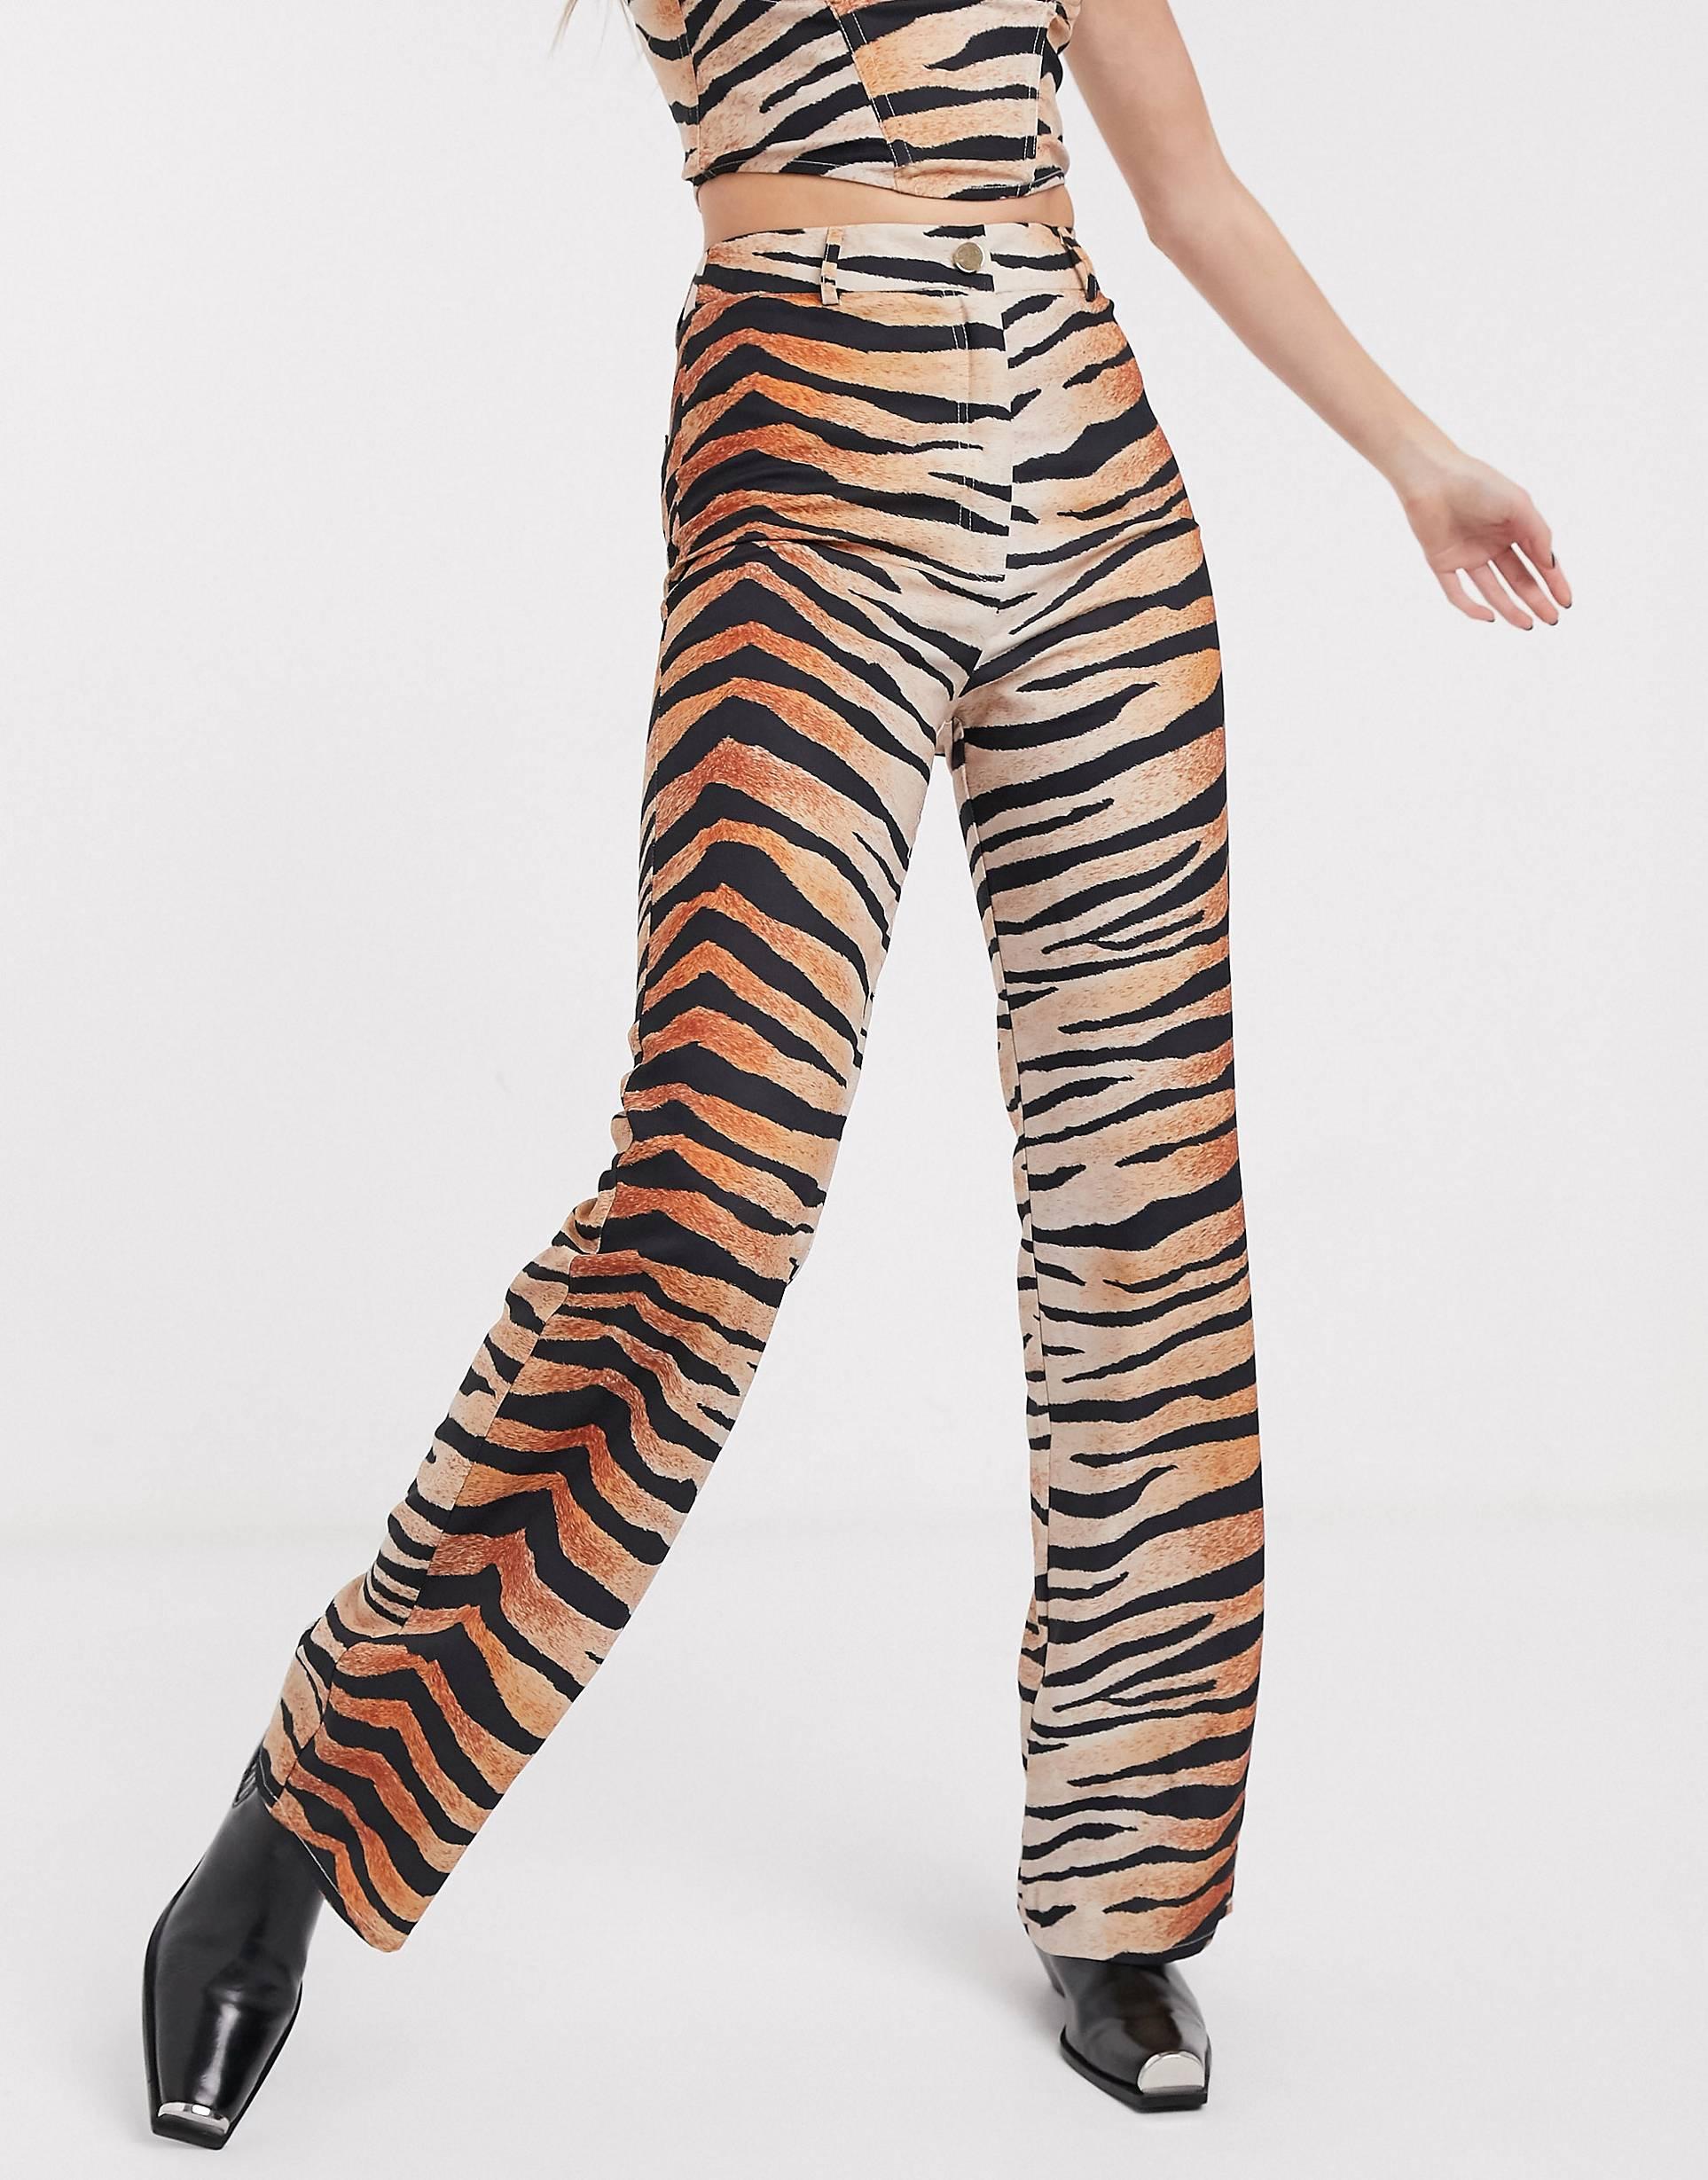 Pantalones de pernera recta con estampado de tigre de Jagger & Stone (parte de un conjunto).